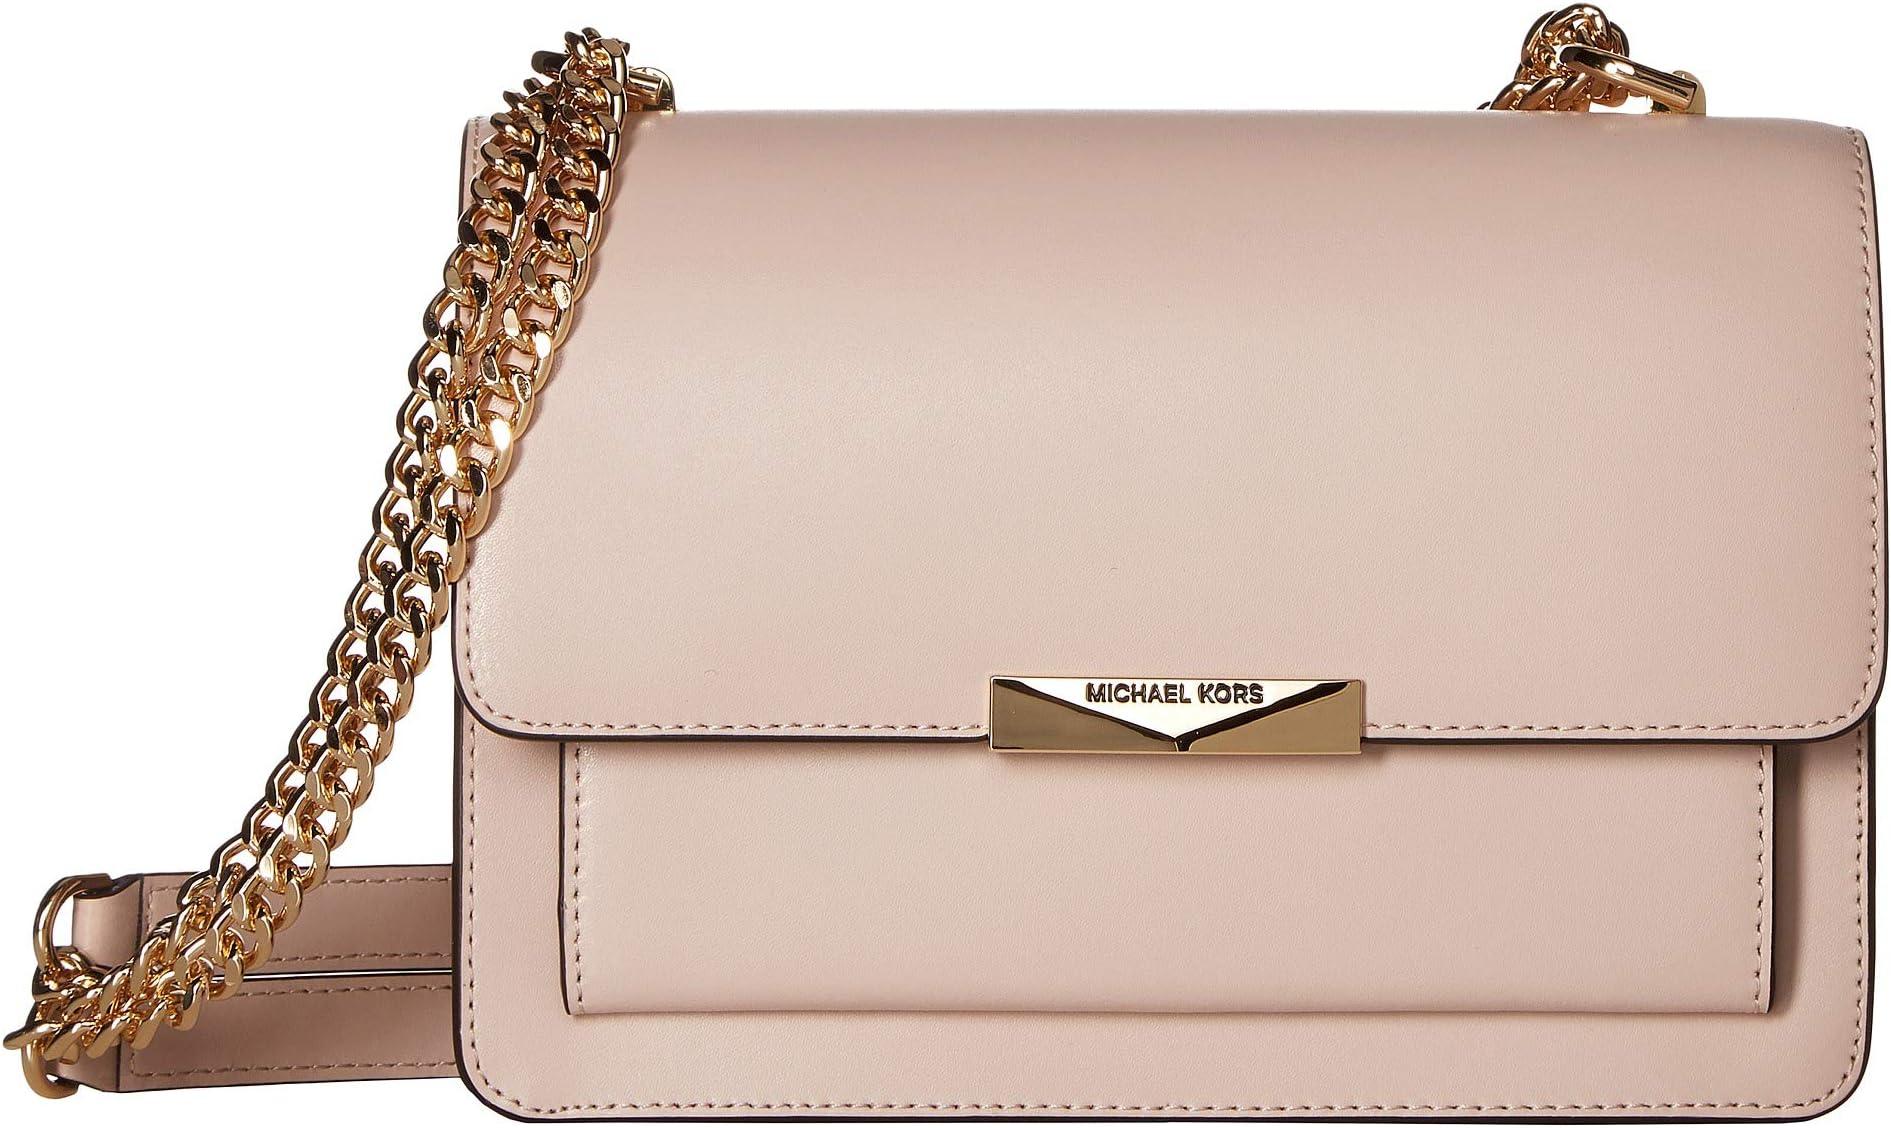 MMK Handbags